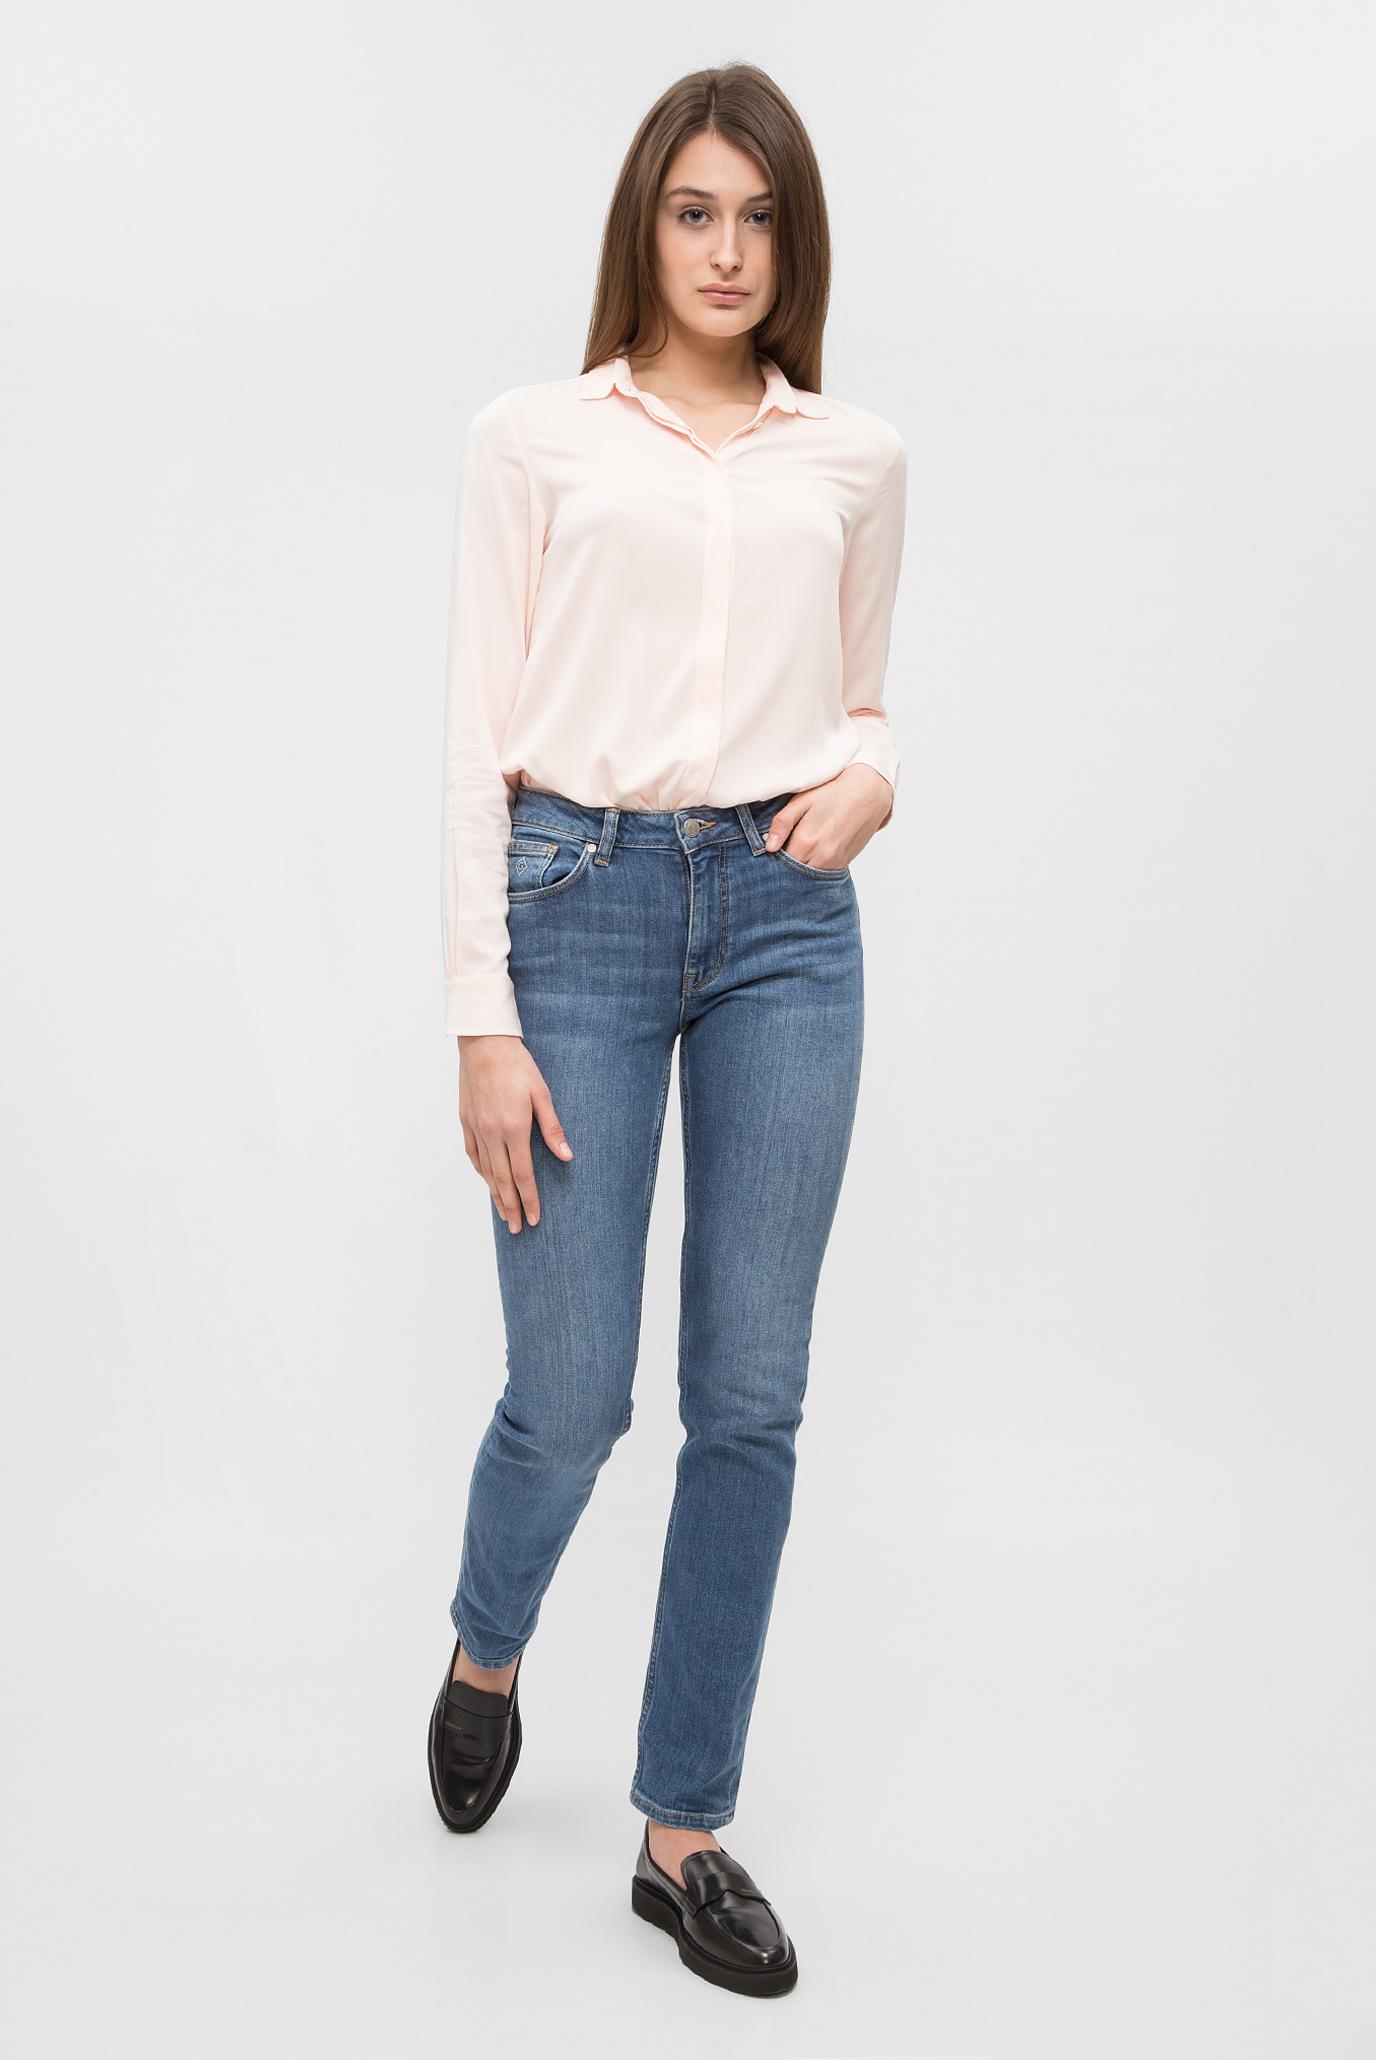 Купить Женская розовая блуза Gant Gant 432565 – Киев, Украина. Цены в интернет магазине MD Fashion